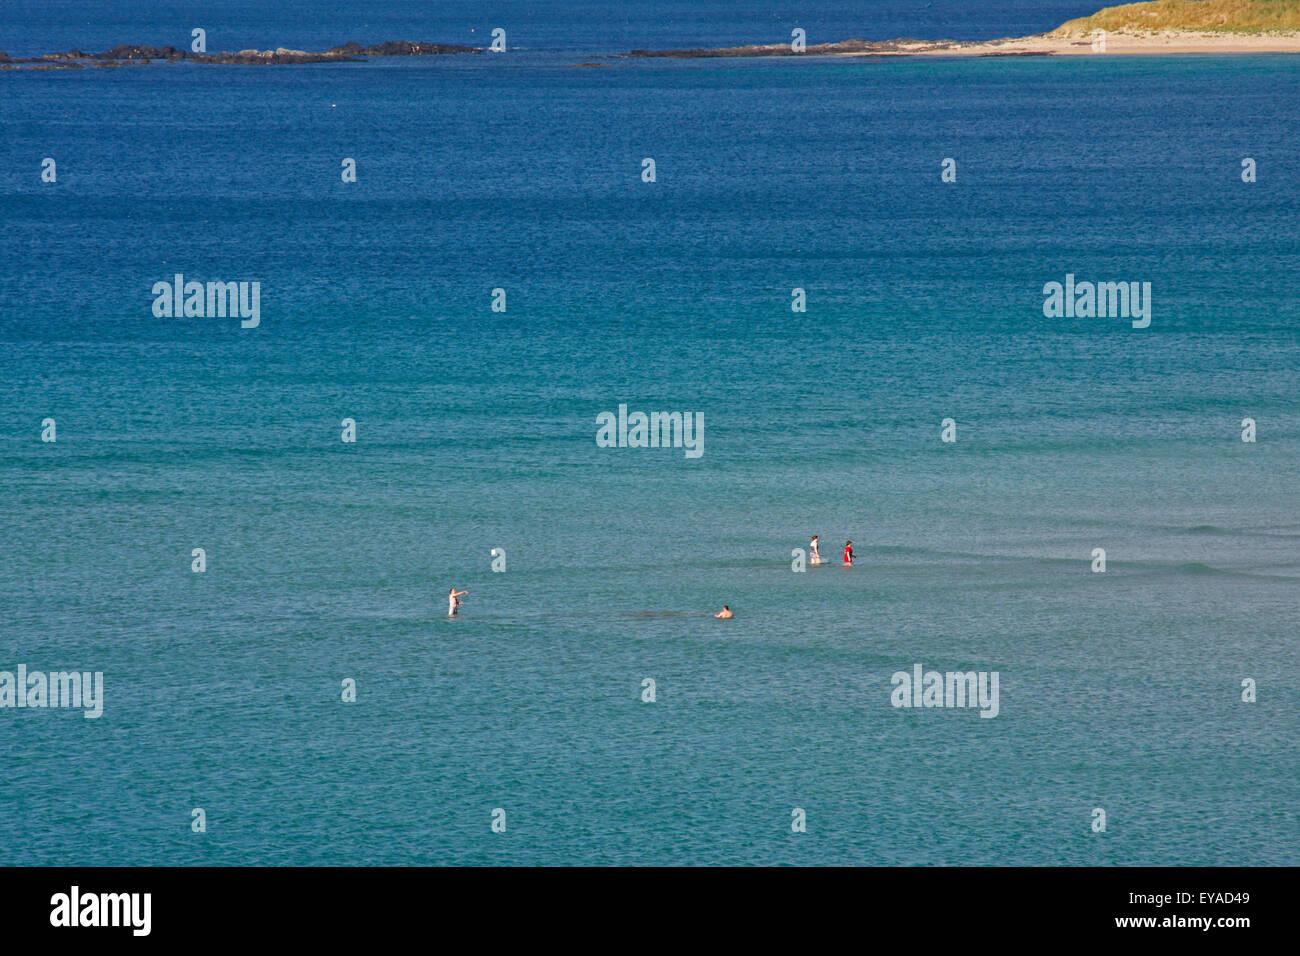 La gente en el agua en Narin Beach emplazado en la popular zona de vacaciones de Sister aldeas Narin y Portnoo; el Condado de Donegal, Irlanda Foto de stock